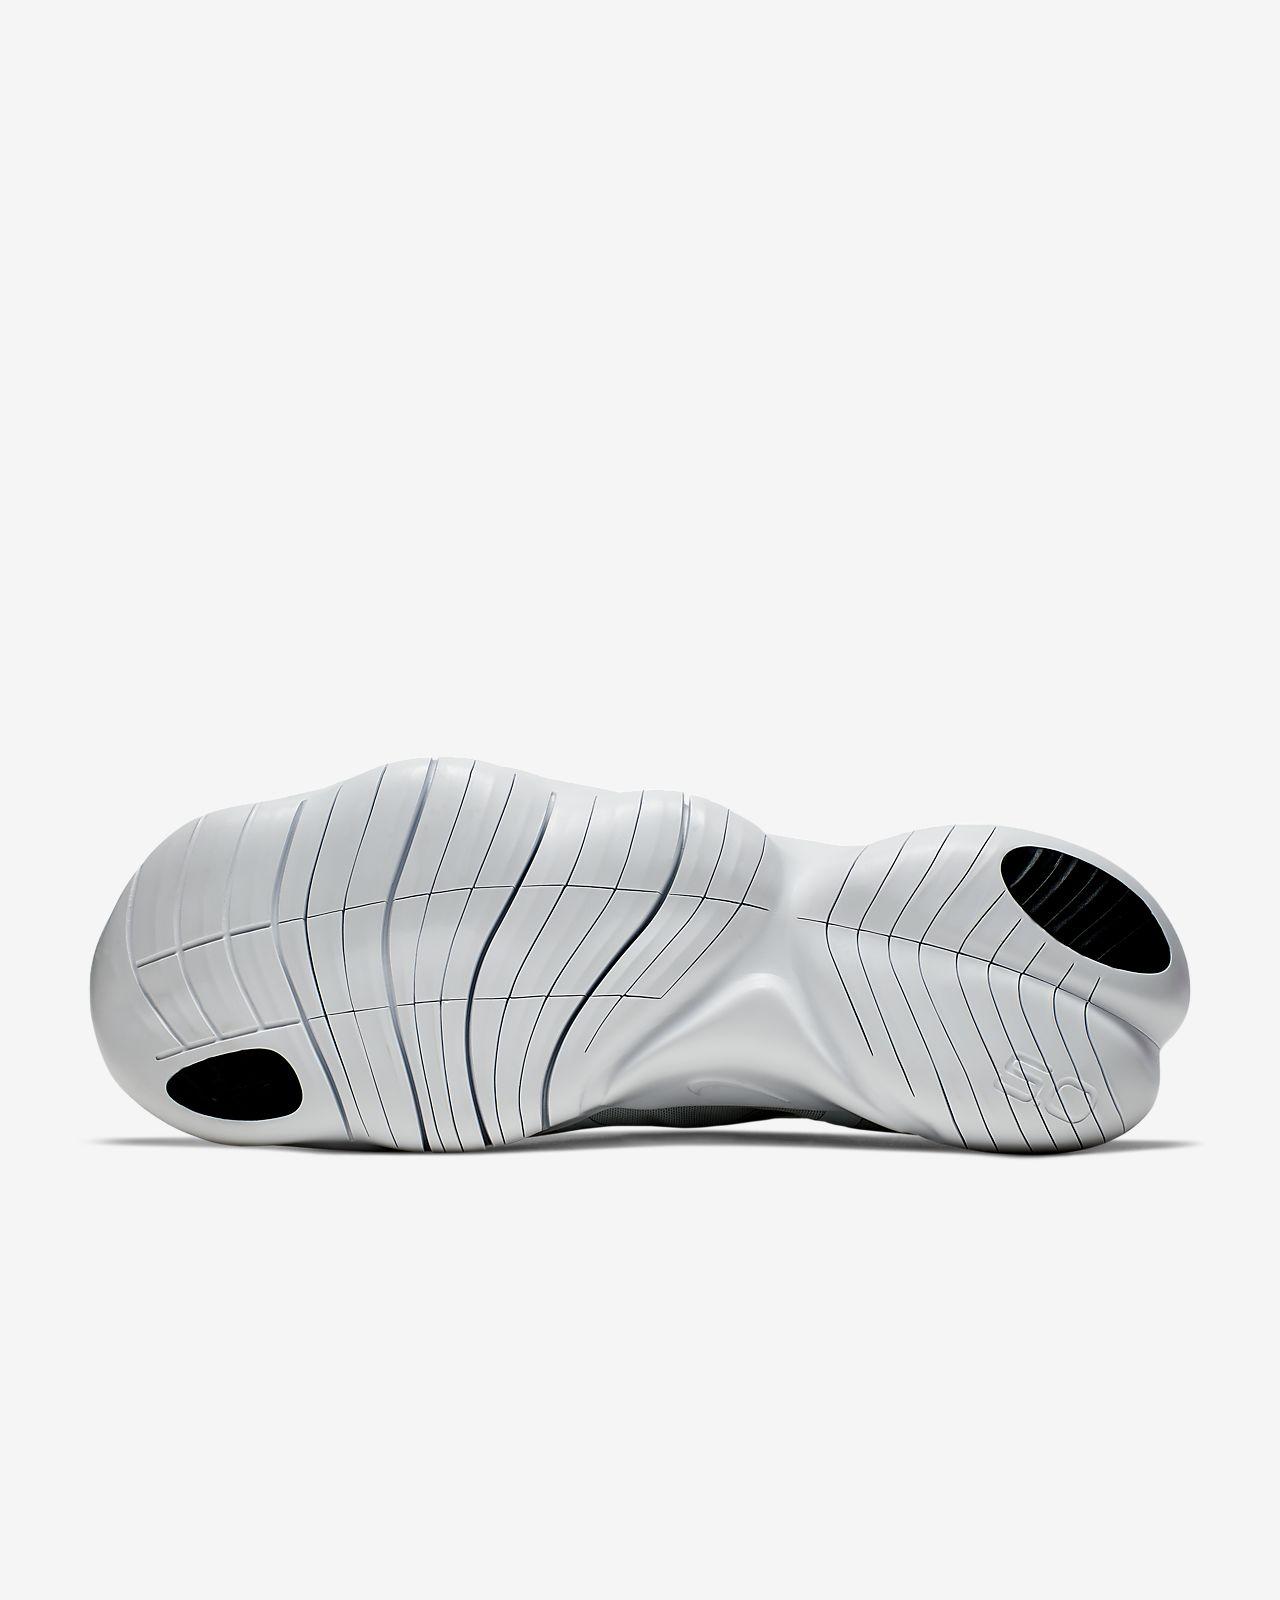 Nike Huarache Damen Running Schuhe Nike Free 5.0 Schwarz